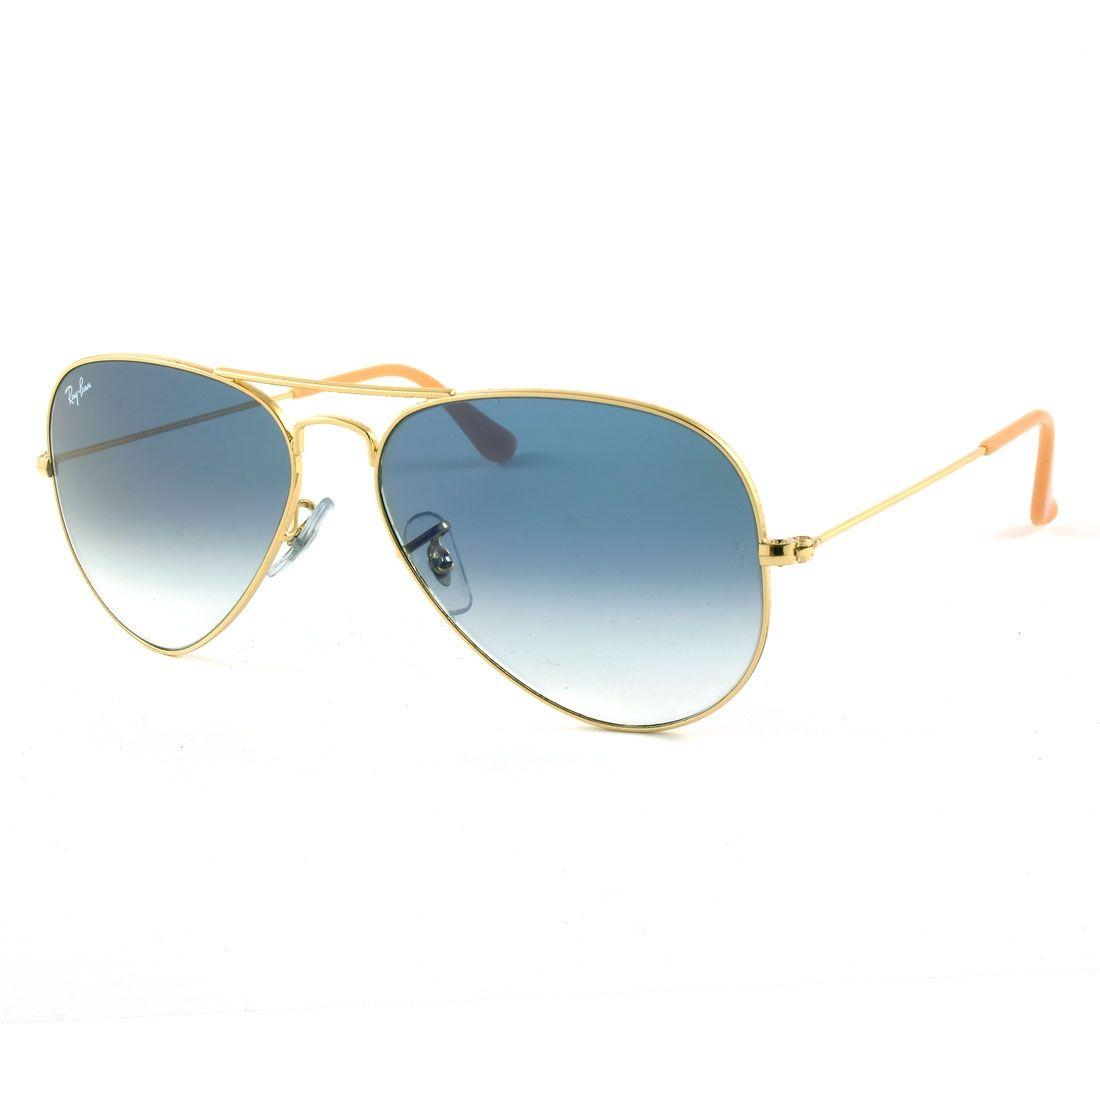 cc0d5edc1 Óculos de Sol Ray Ban | Óculos de Sol Ray Ban Aviator 3025L-001/3F